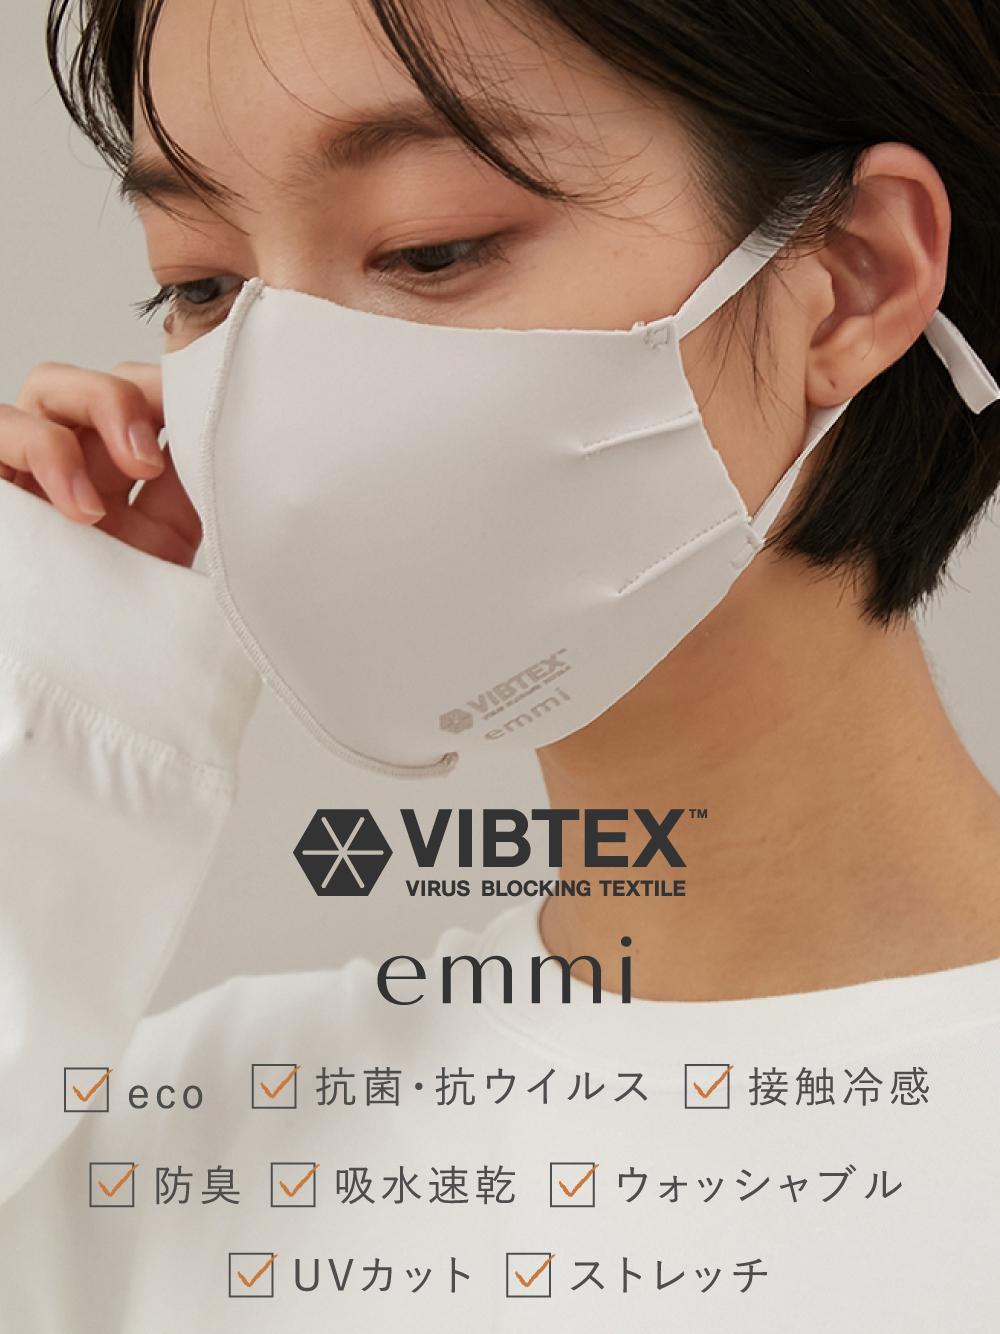 【emmi yoga】VIBTEX マスクアジャスター付き(LBEG-F)